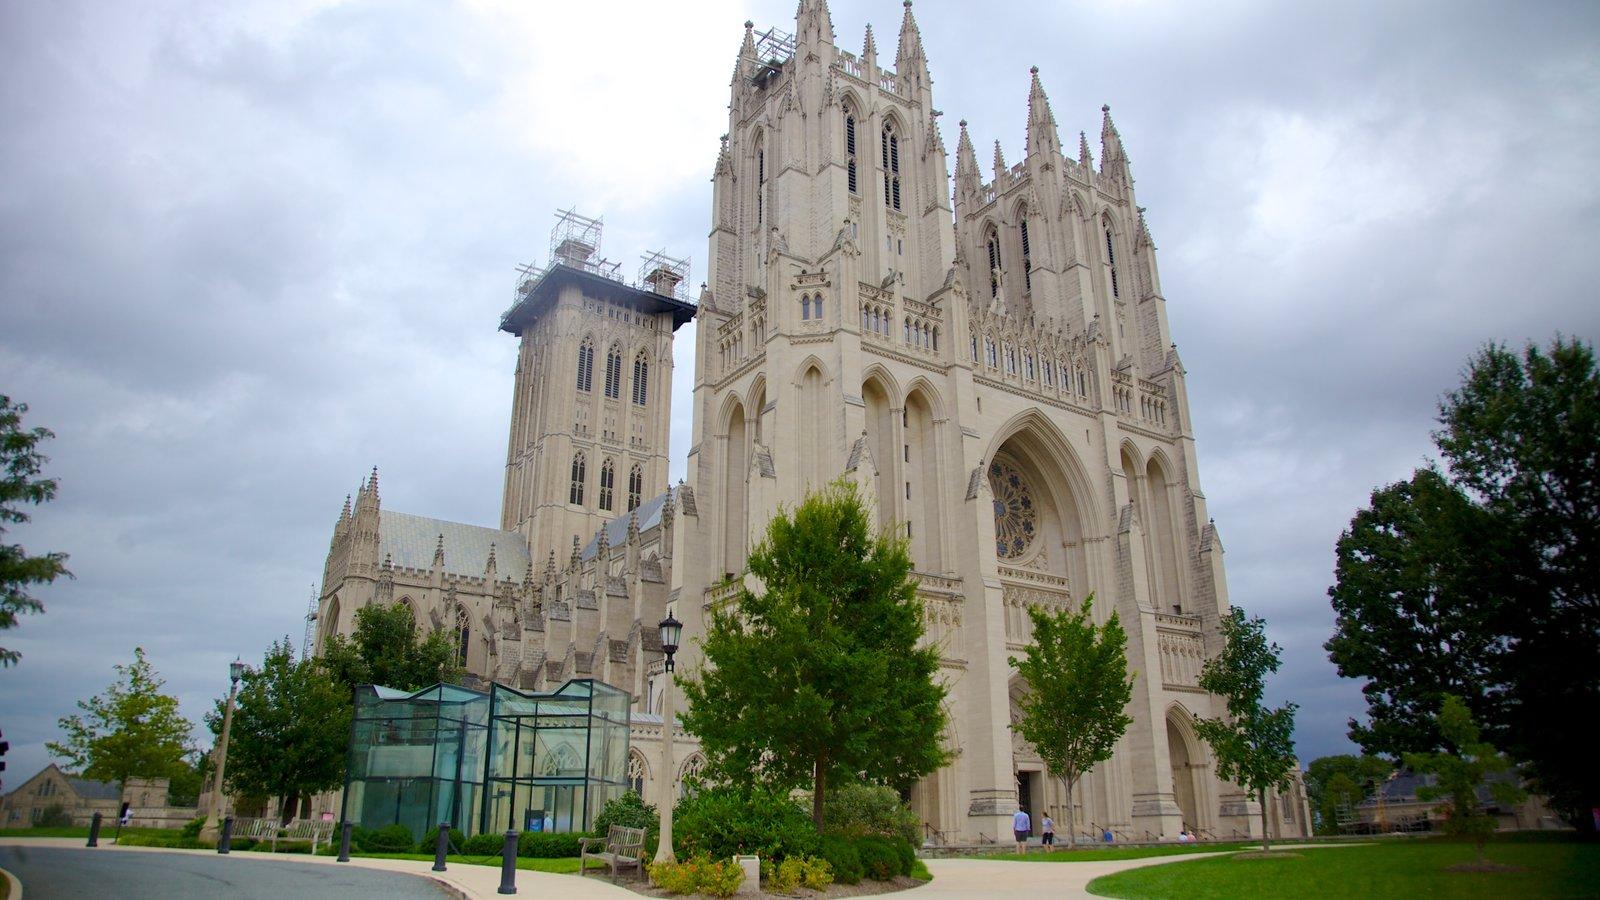 Catedral de Washington caracterizando uma cidade, elementos religiosos e uma igreja ou catedral